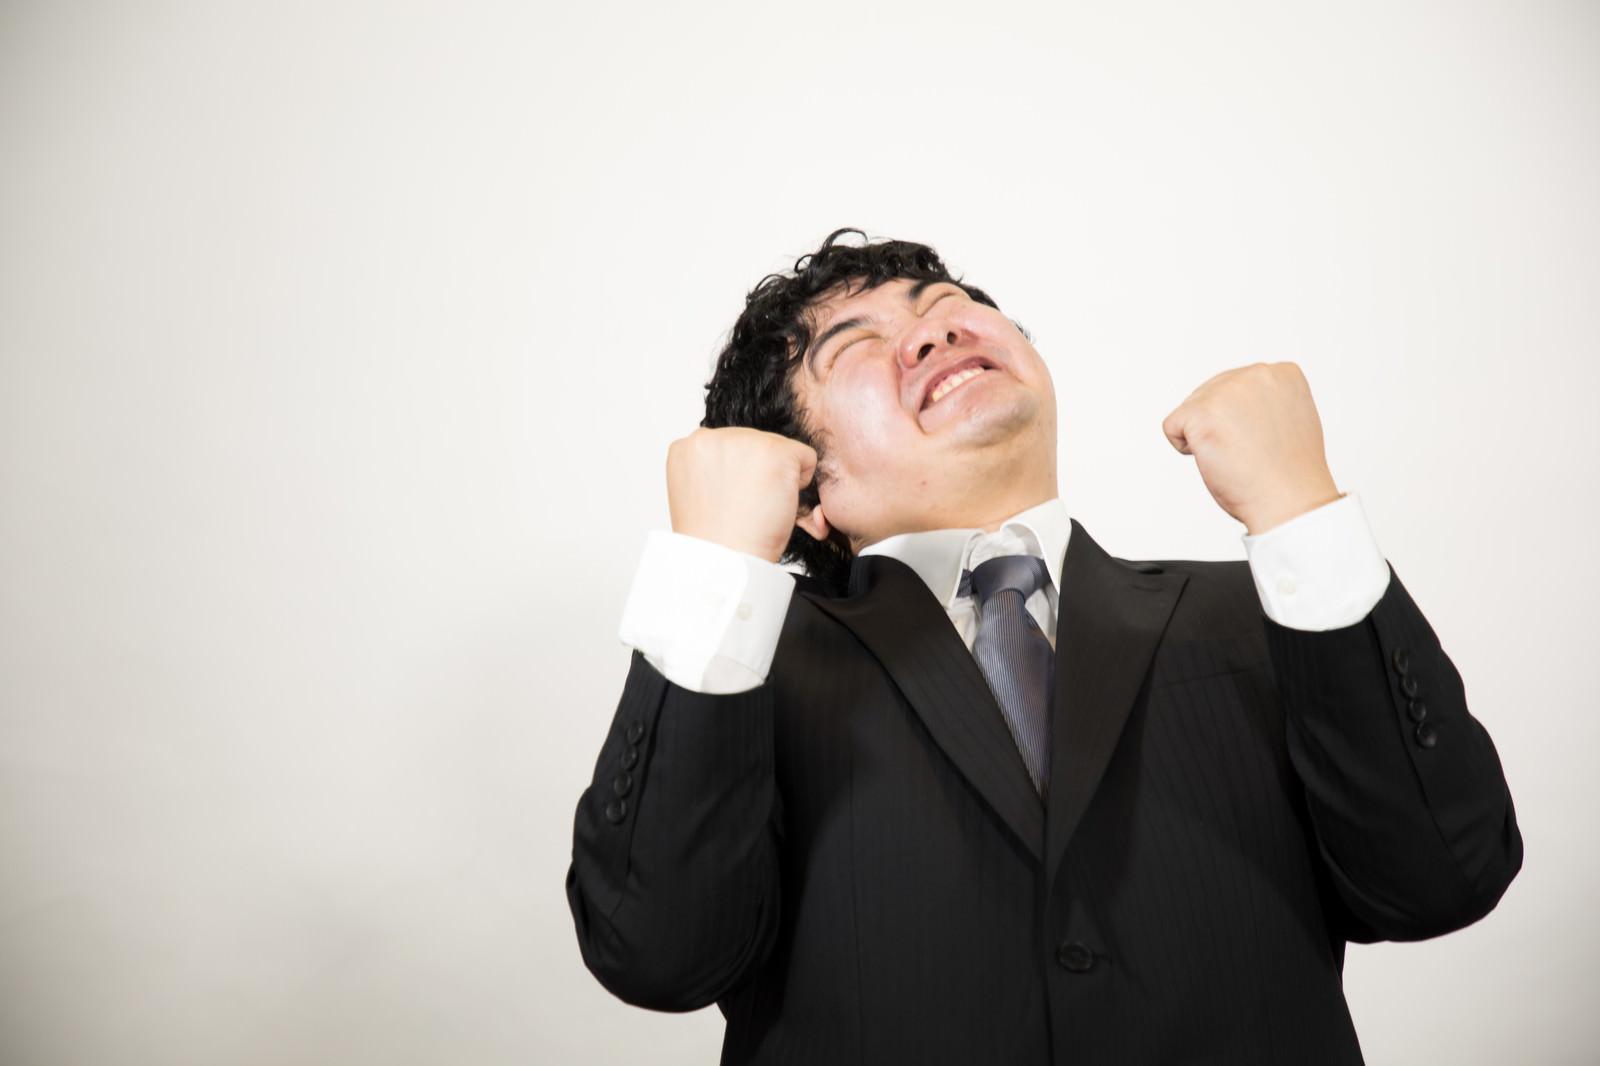 「ノルマ達成で歓喜する男性」の写真[モデル:段田隼人]